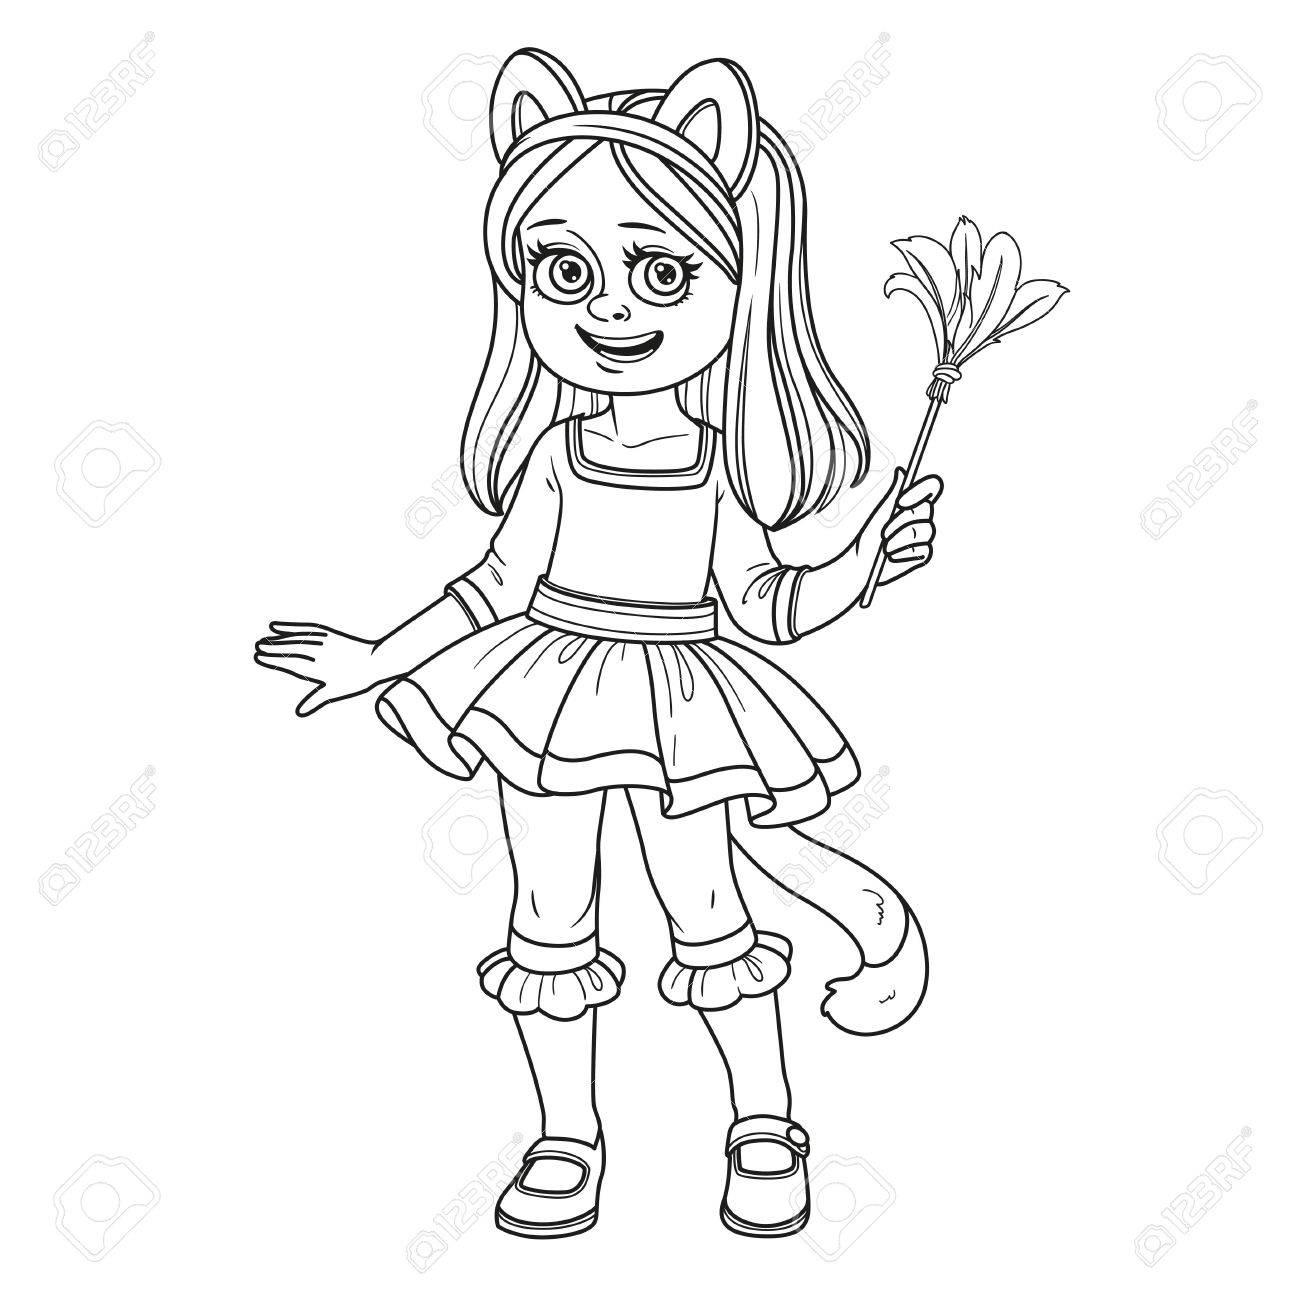 Ausmalbilder Für Mädchen : Nettes M Dchen In Katze Kost M Skizziert F R Ausmalbilder Lizenzfrei